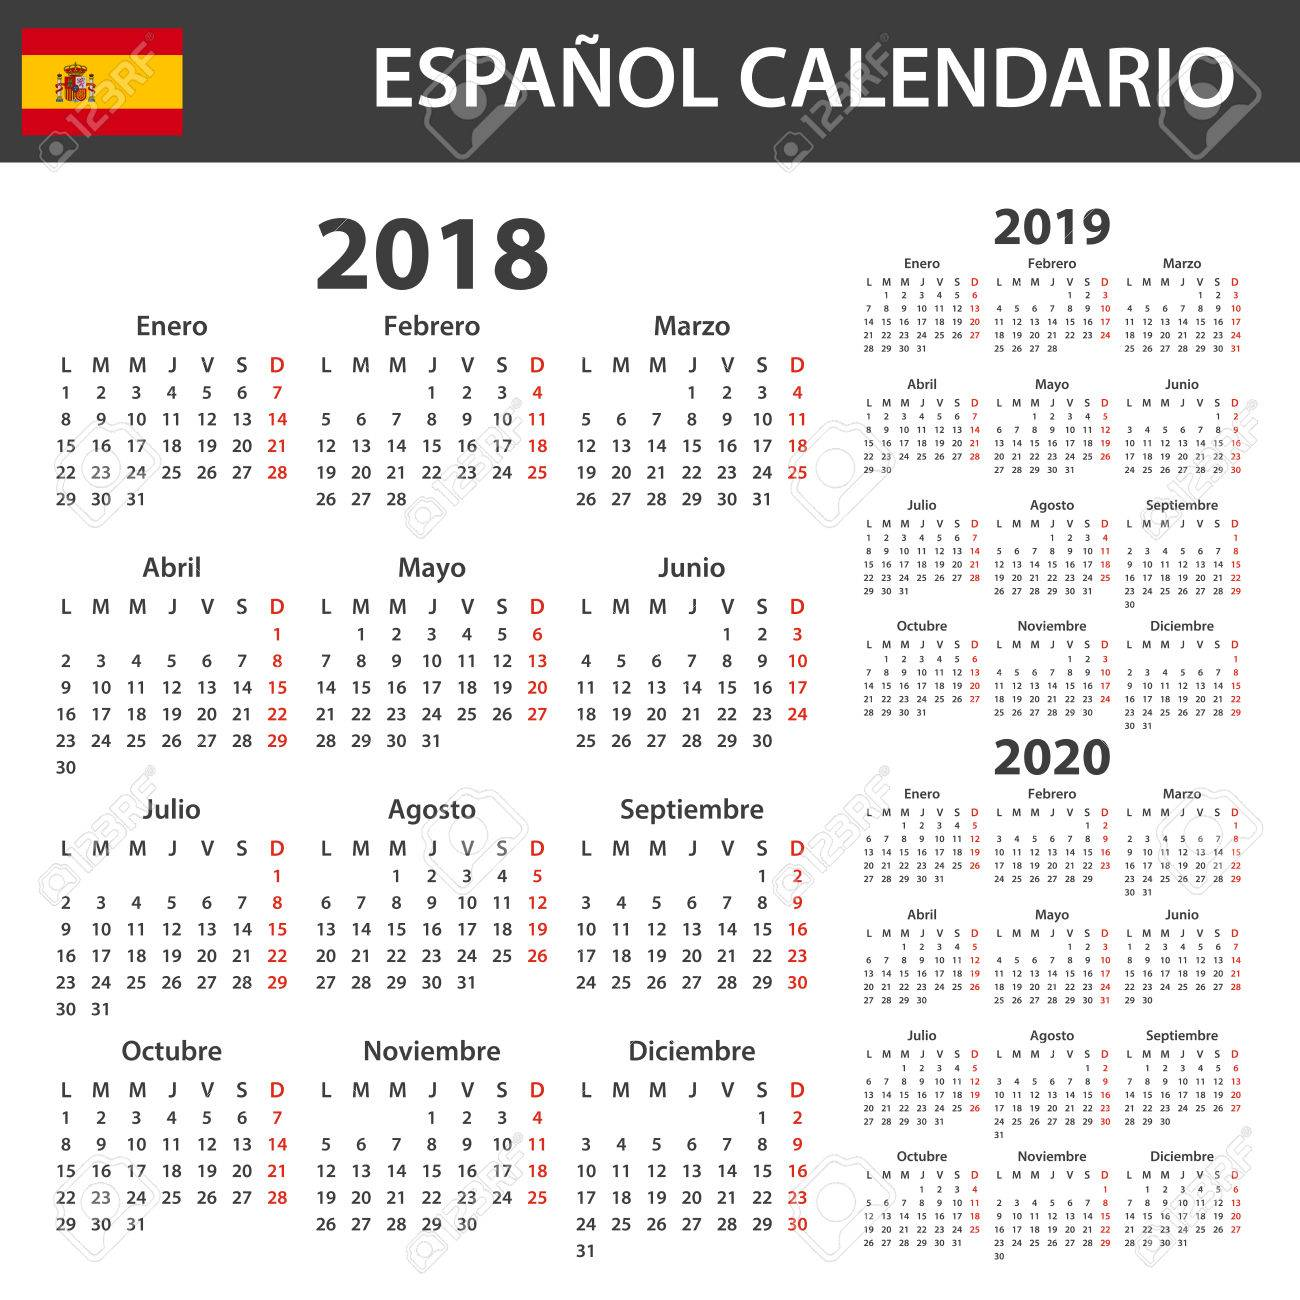 Calendario 2020 Vector Gratis En Espanol.Spanish Calendar For 2018 2019 And 2020 Scheduler Agenda Or